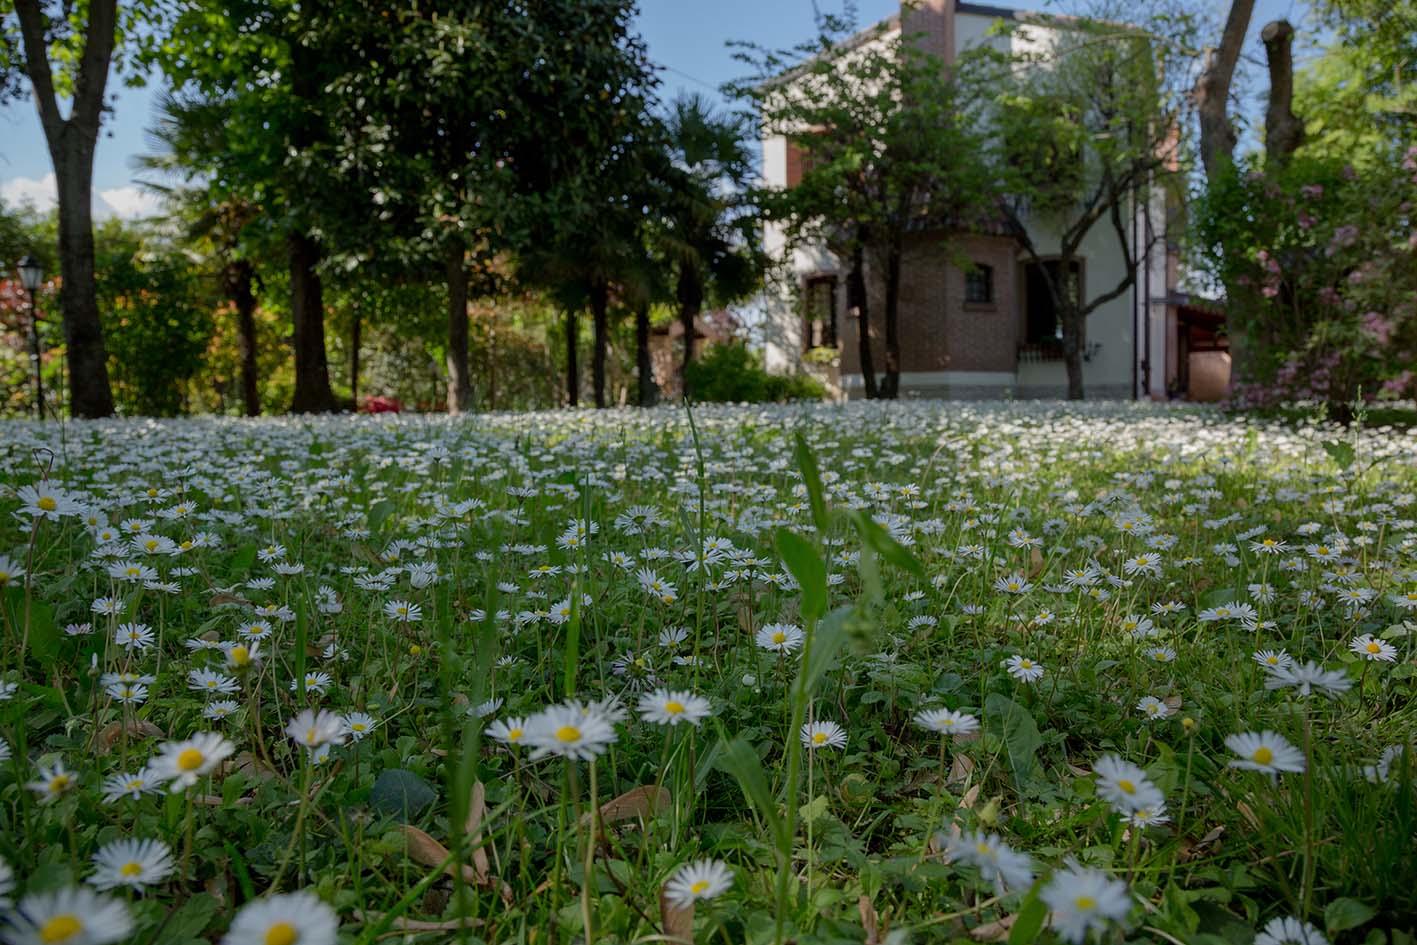 Palme Da Vaso Per Esterno vacation rentals, homes, experiences & places - airbnb